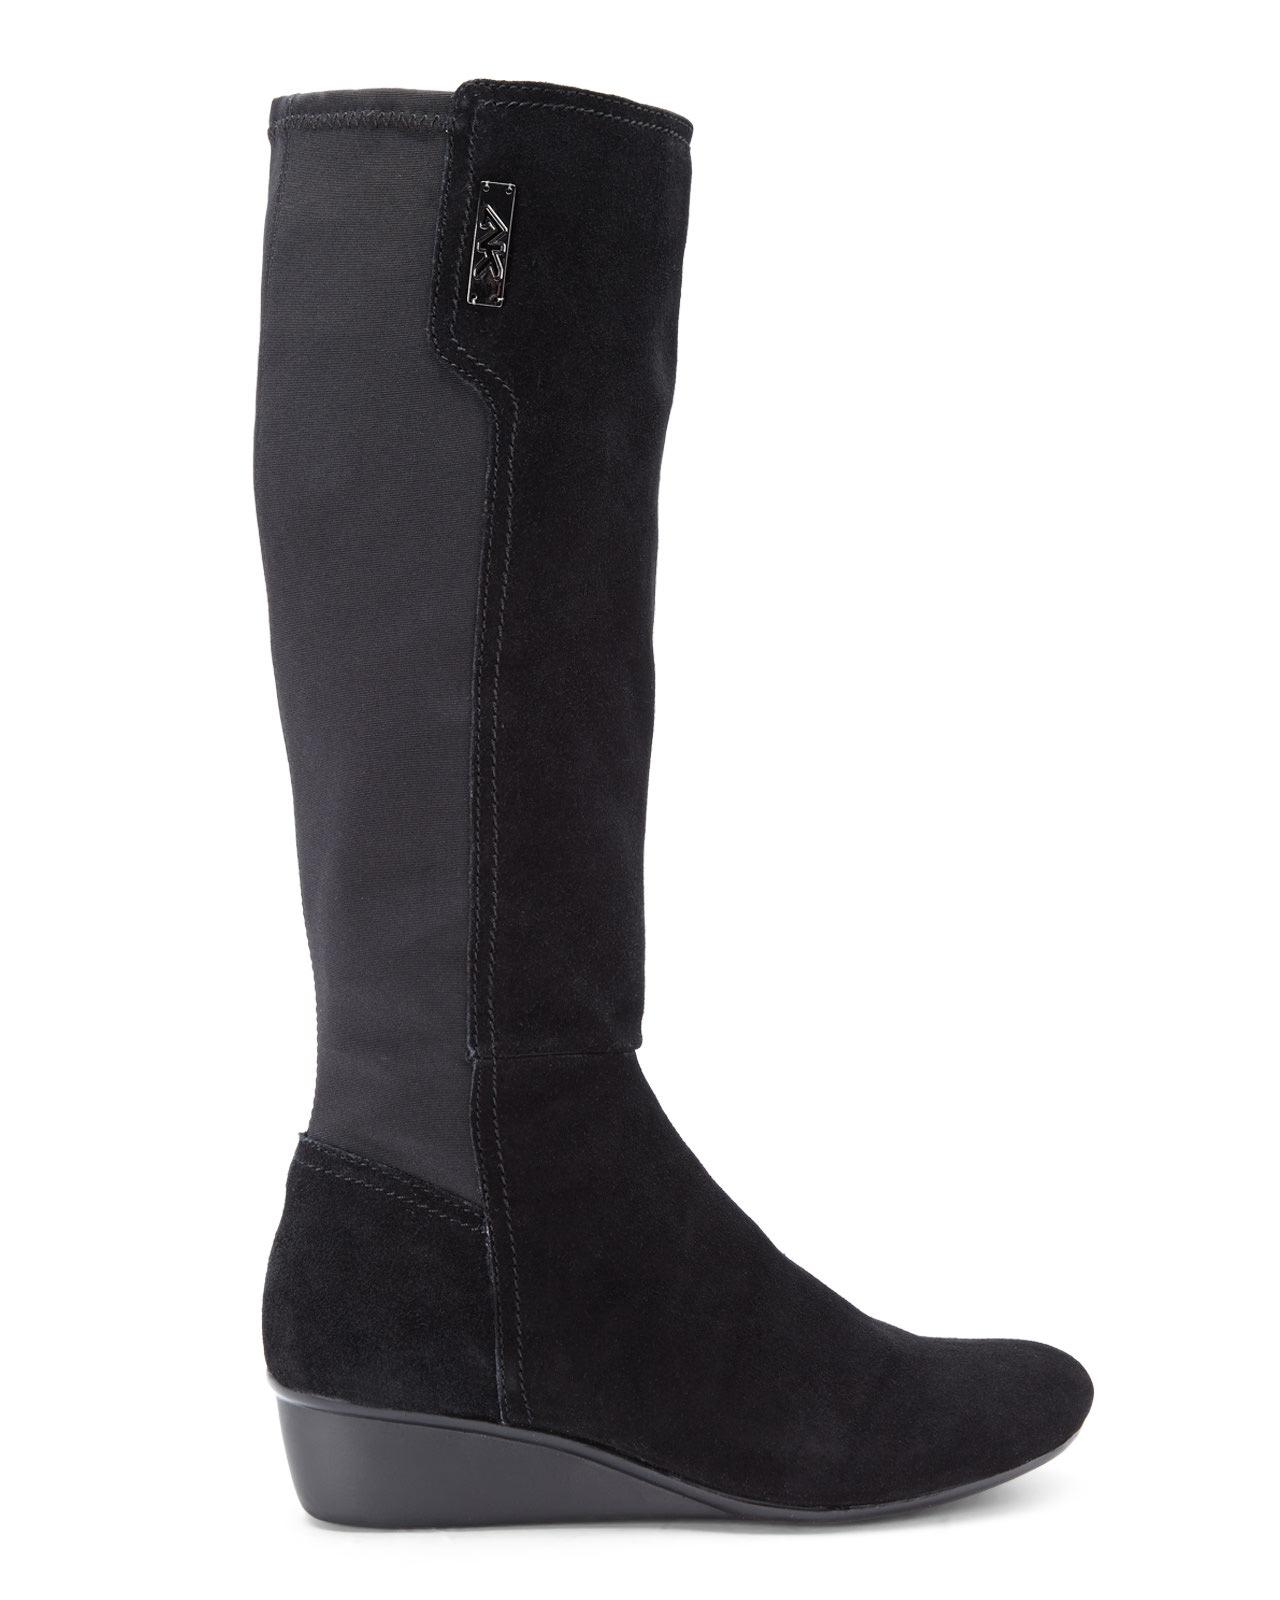 Lyst Ak Anne Klein Sport Black Suede Durwyn Wedge Boots